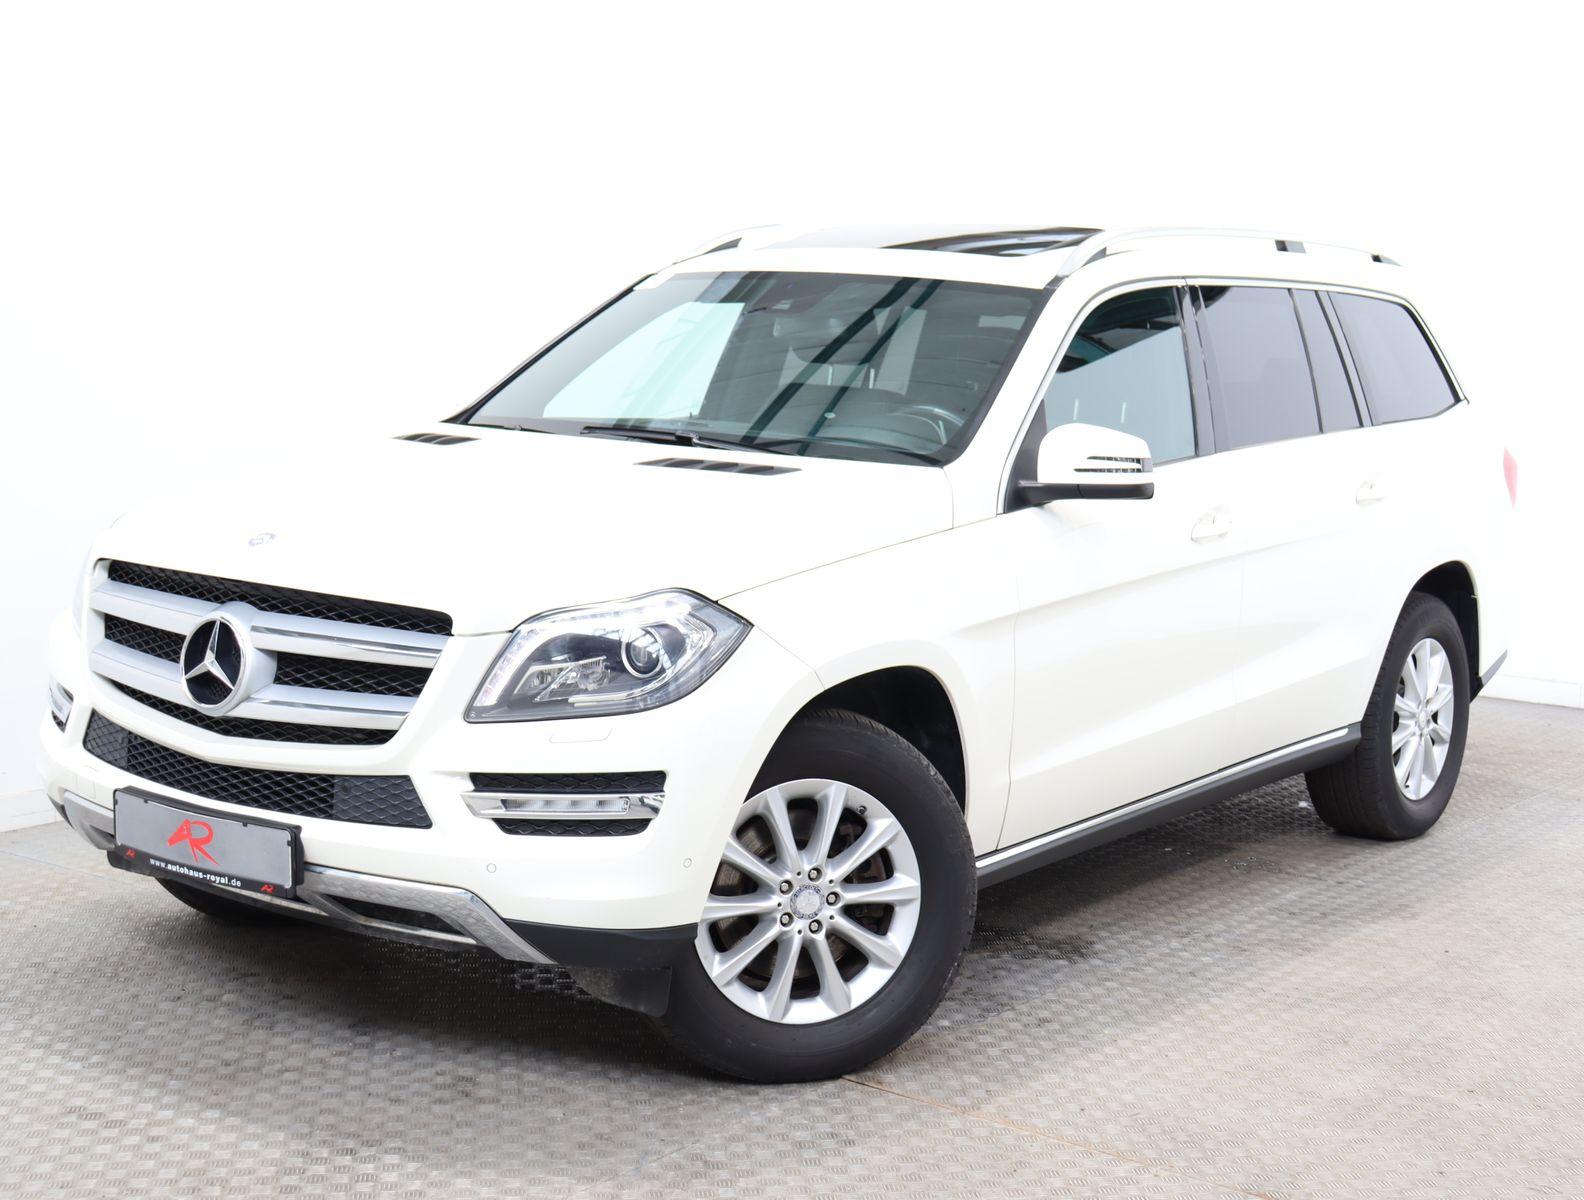 Mercedes-Benz GL 350 BT 4M 7 SITZE DESIGNO LACK+SITZE,MEMORY, Jahr 2012, Diesel